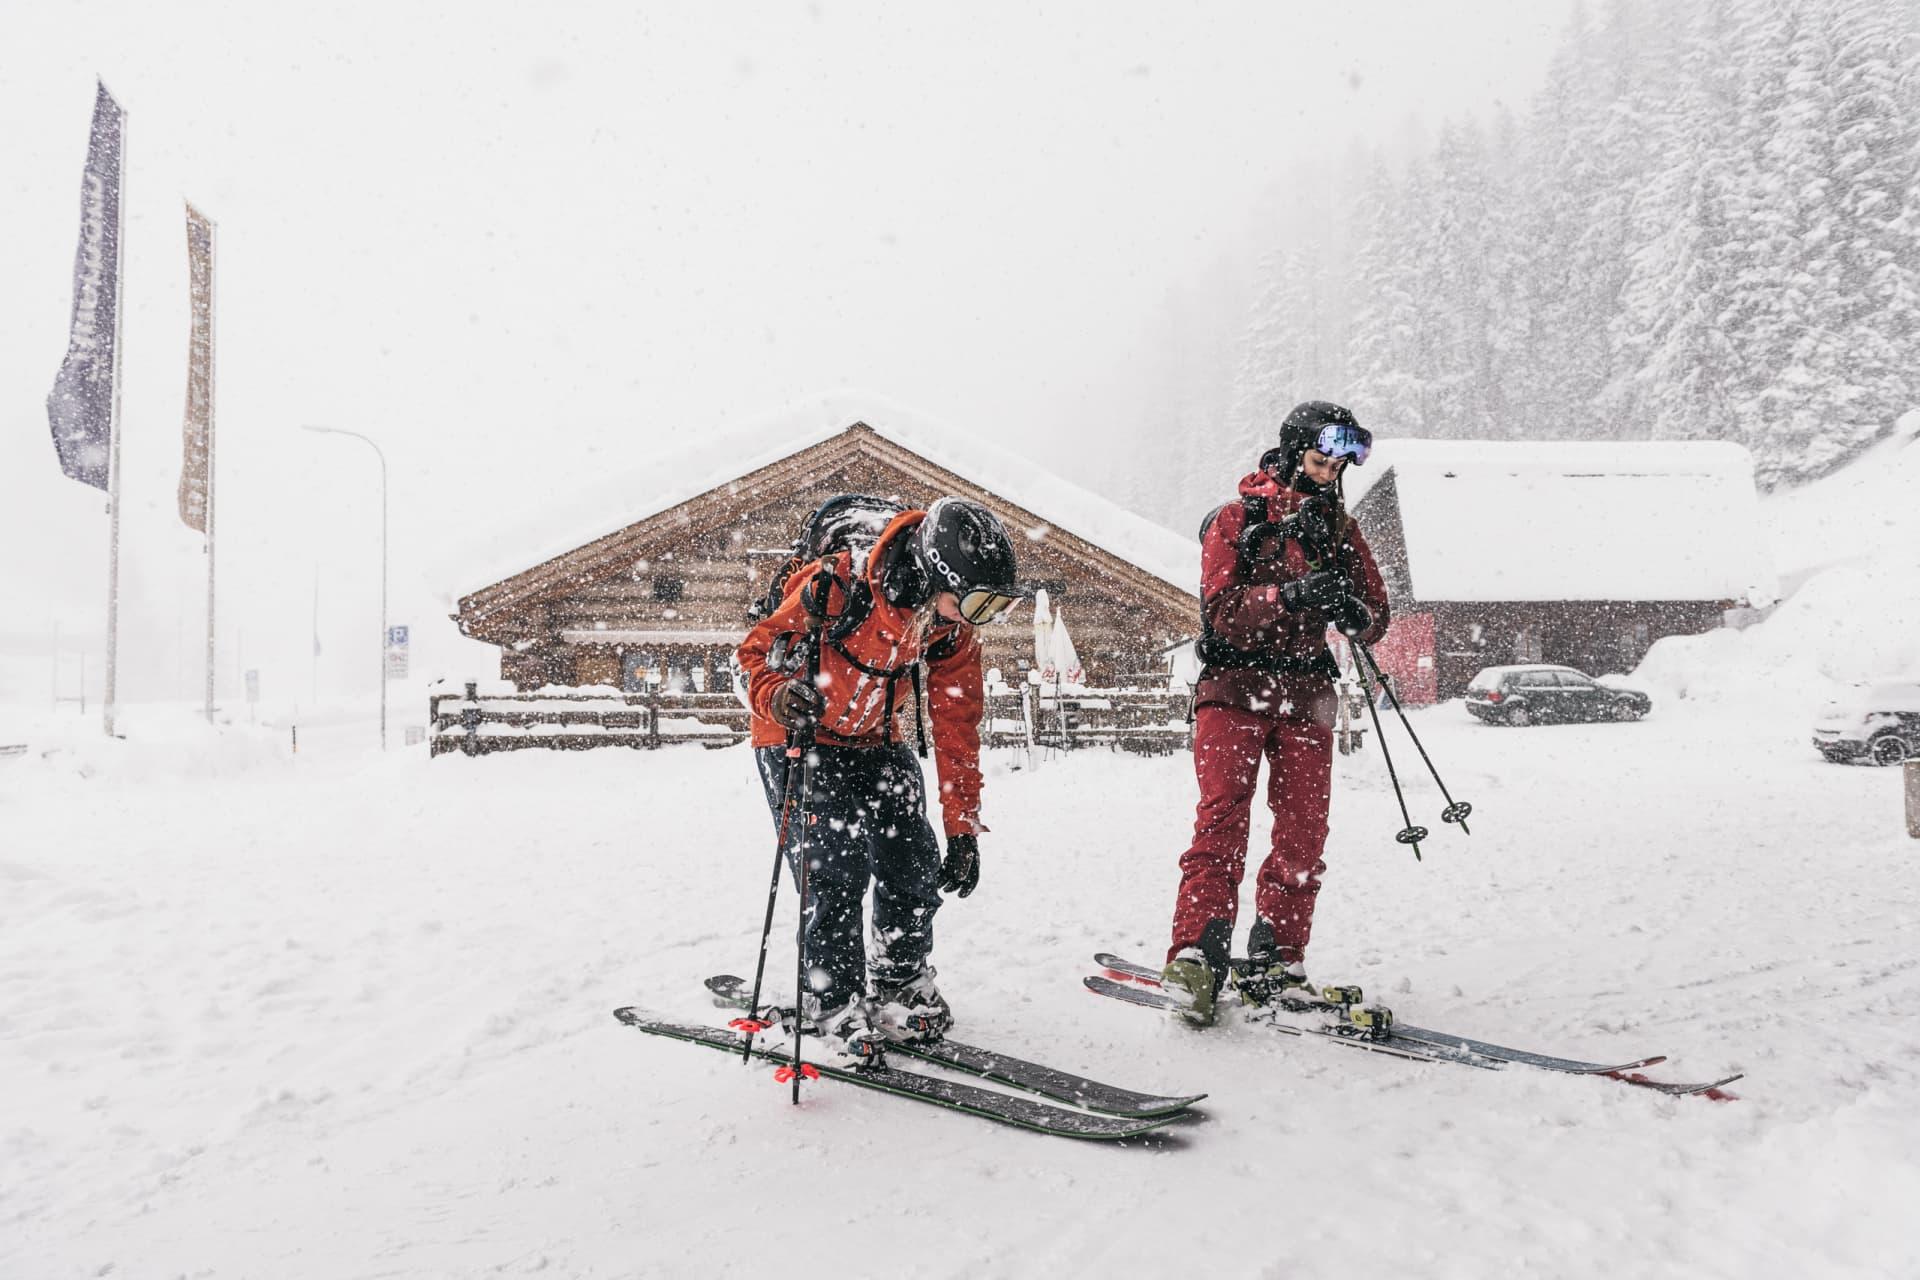 Snöigt och dimmigt i den del av Davos skidsystem som går under namnet Rinerhorn.